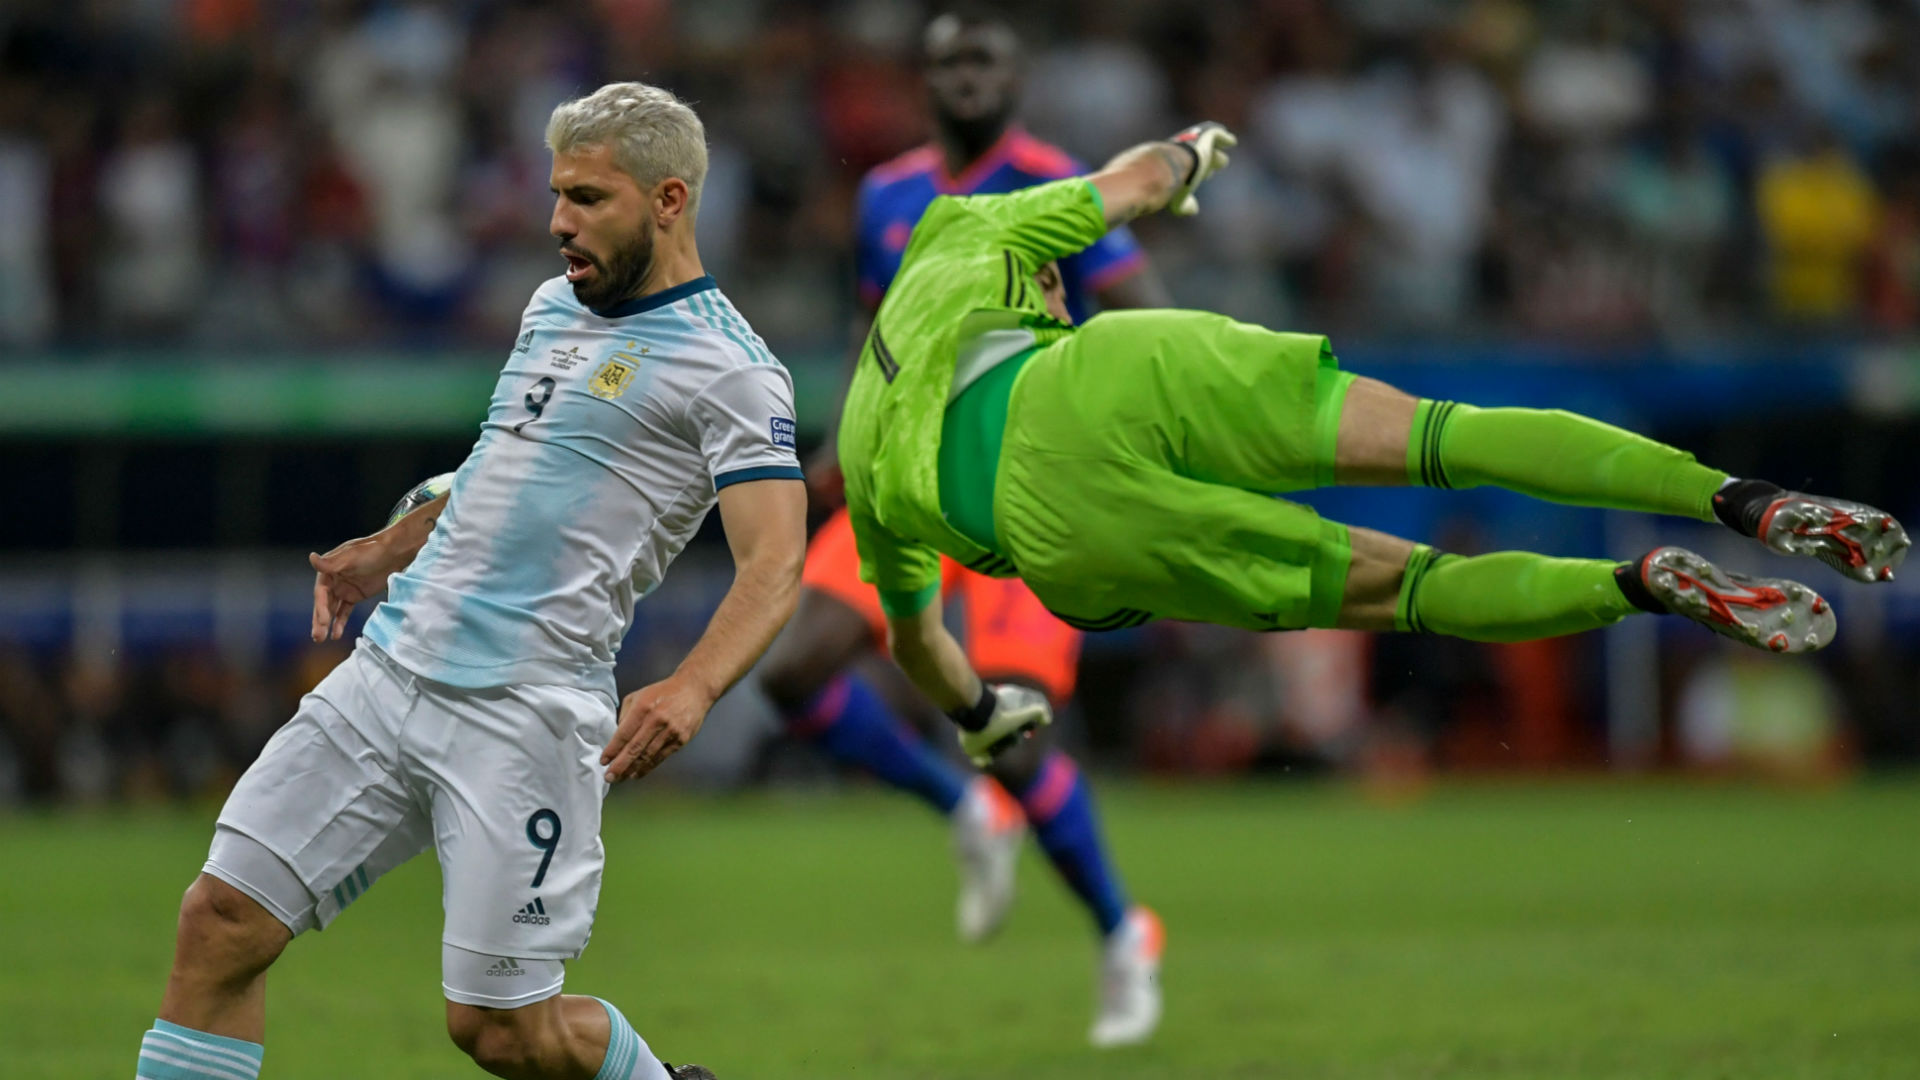 Sergio Aguero David Ospina Colombia Argentina Copa America 2019